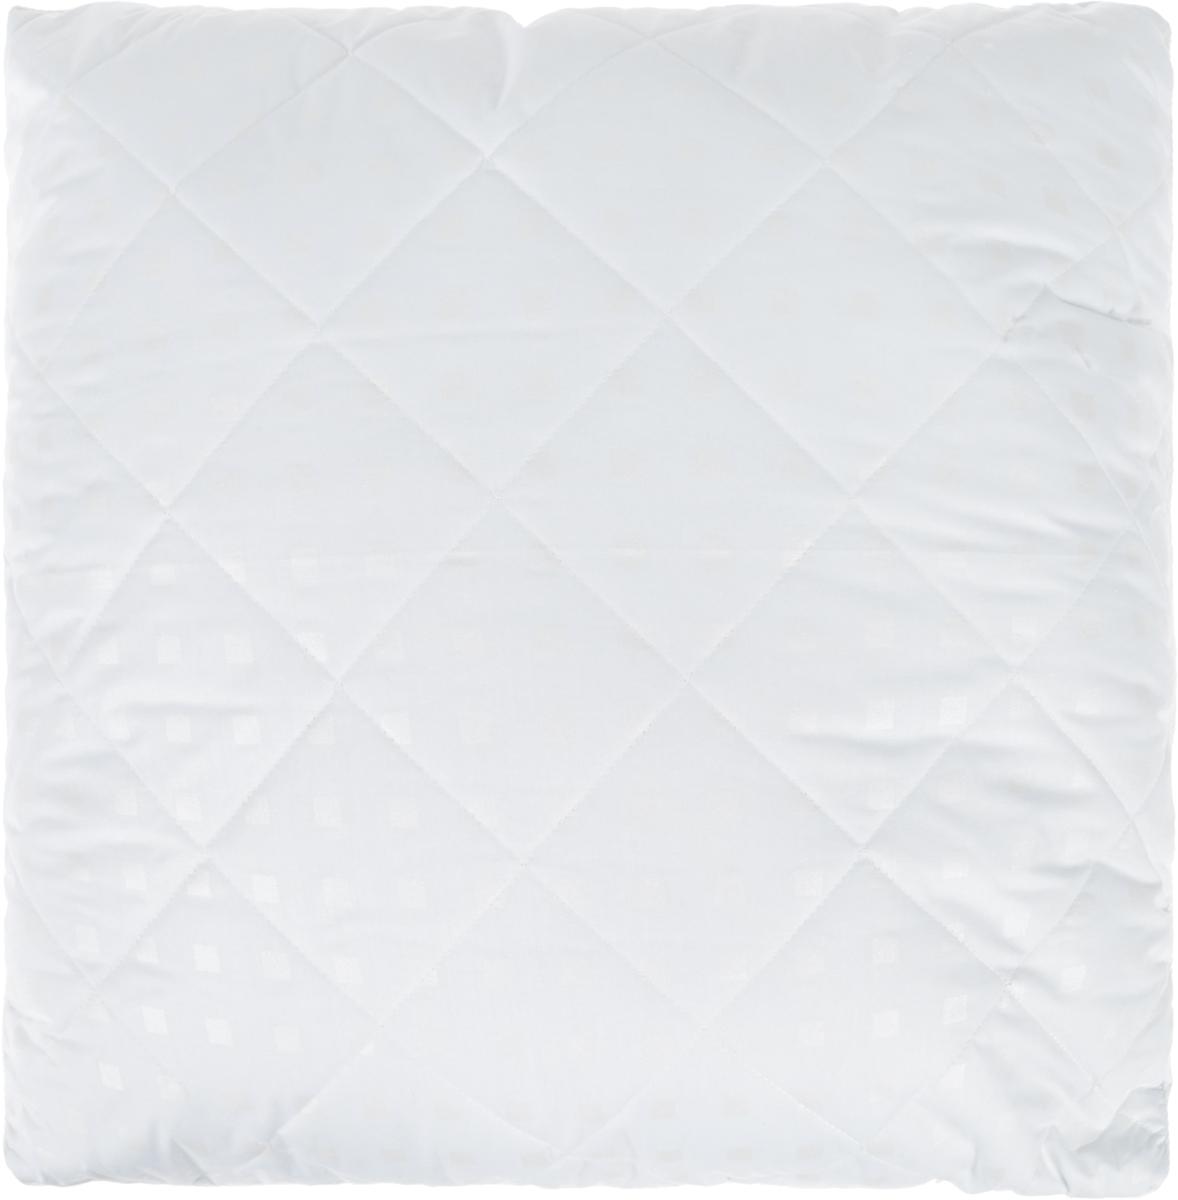 Подушка Bio-Teхtiles Очарование, наполнитель: искусственный лебяжий пух, цвет: белый, 70 х 70 смSPC606